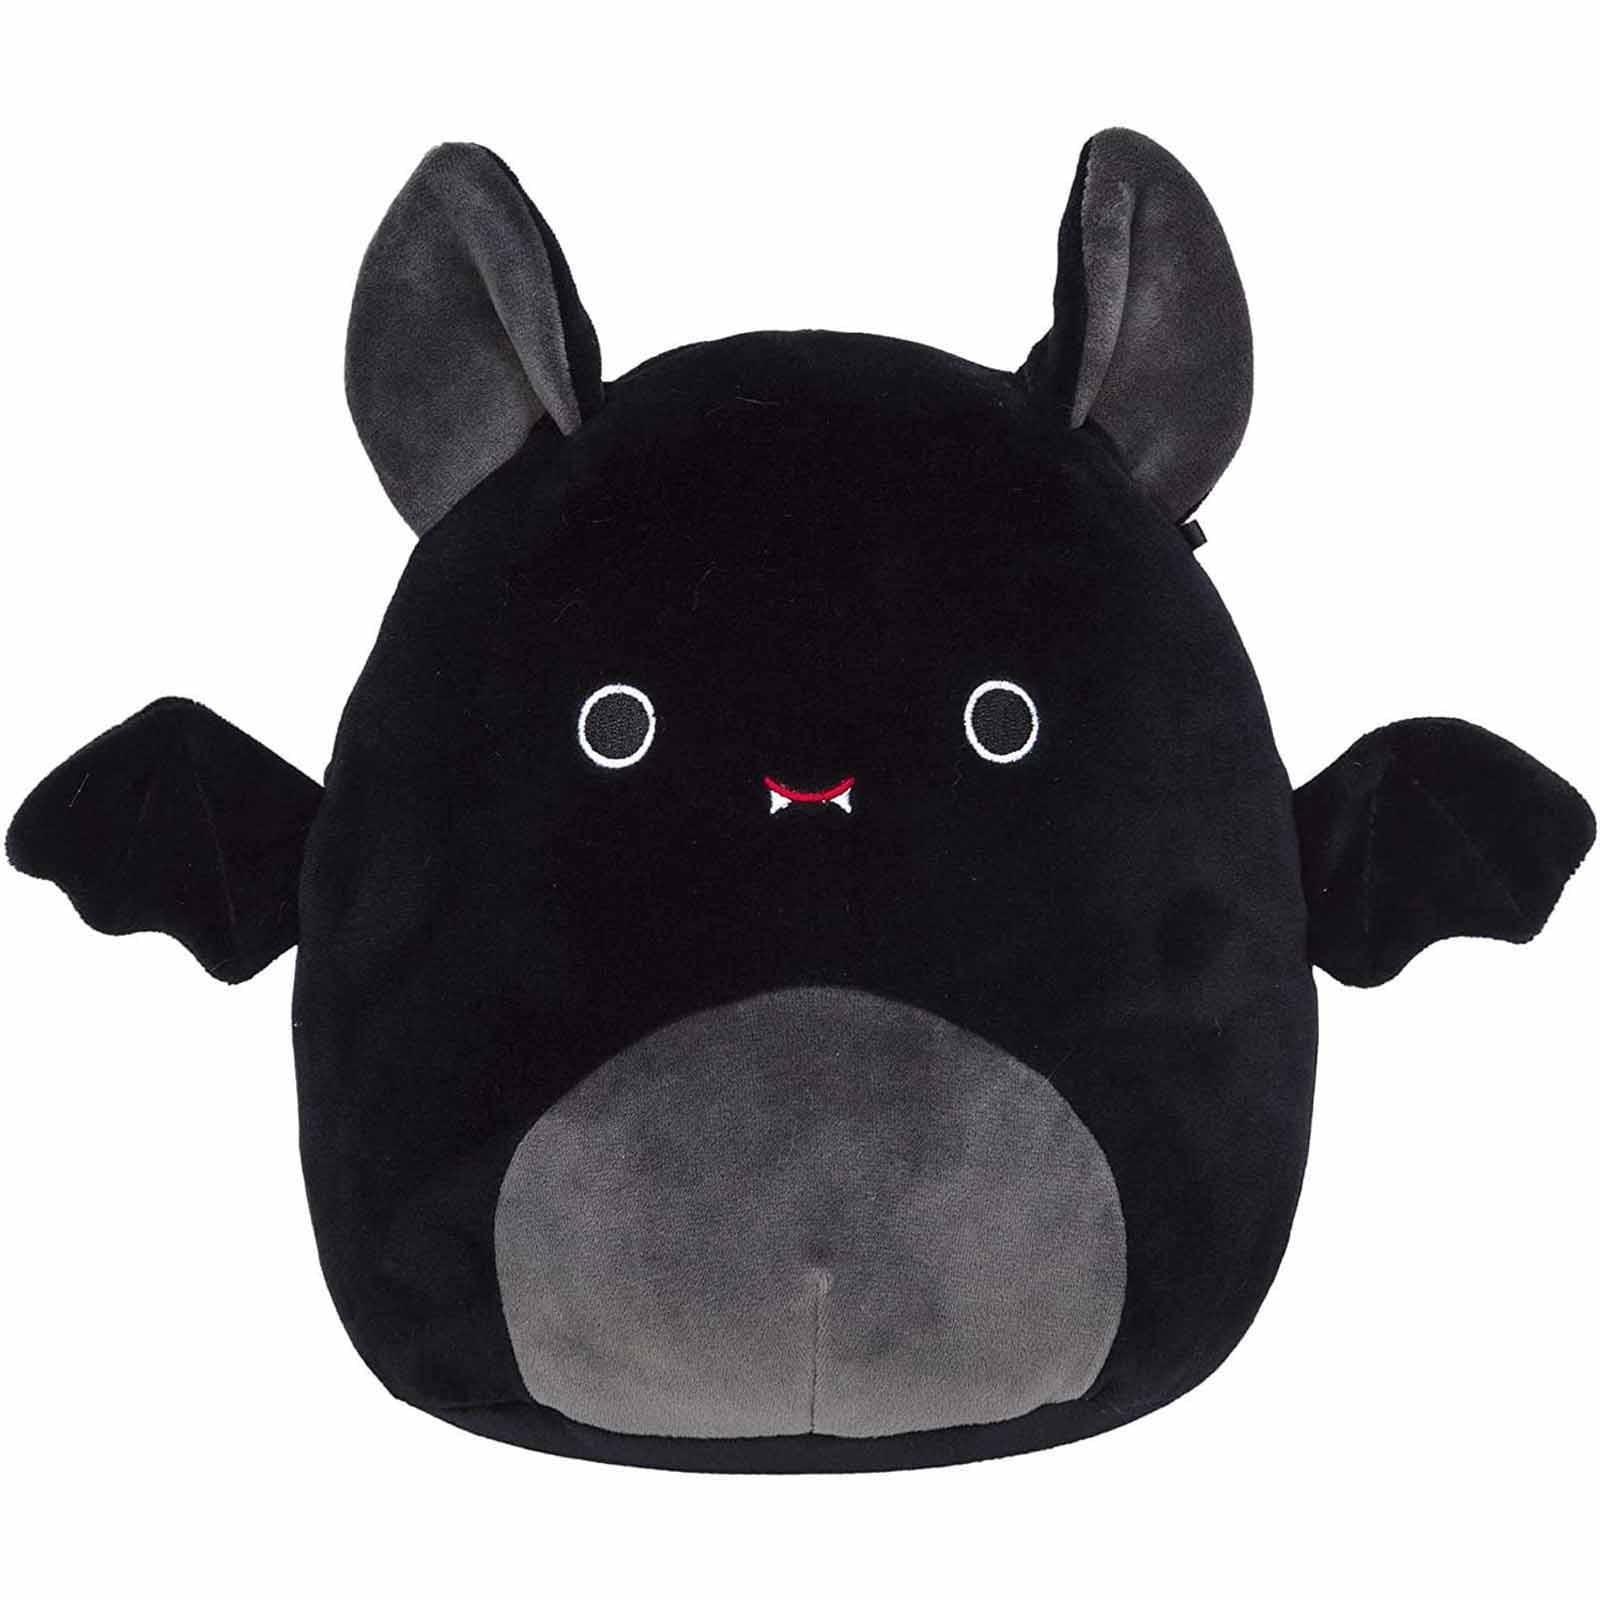 Halloween Plush Toy The bat Toy Birthday Gift Holiday Bat doll Soft Stuffed Toys Bat Holiday Birthday Gift Bat doll